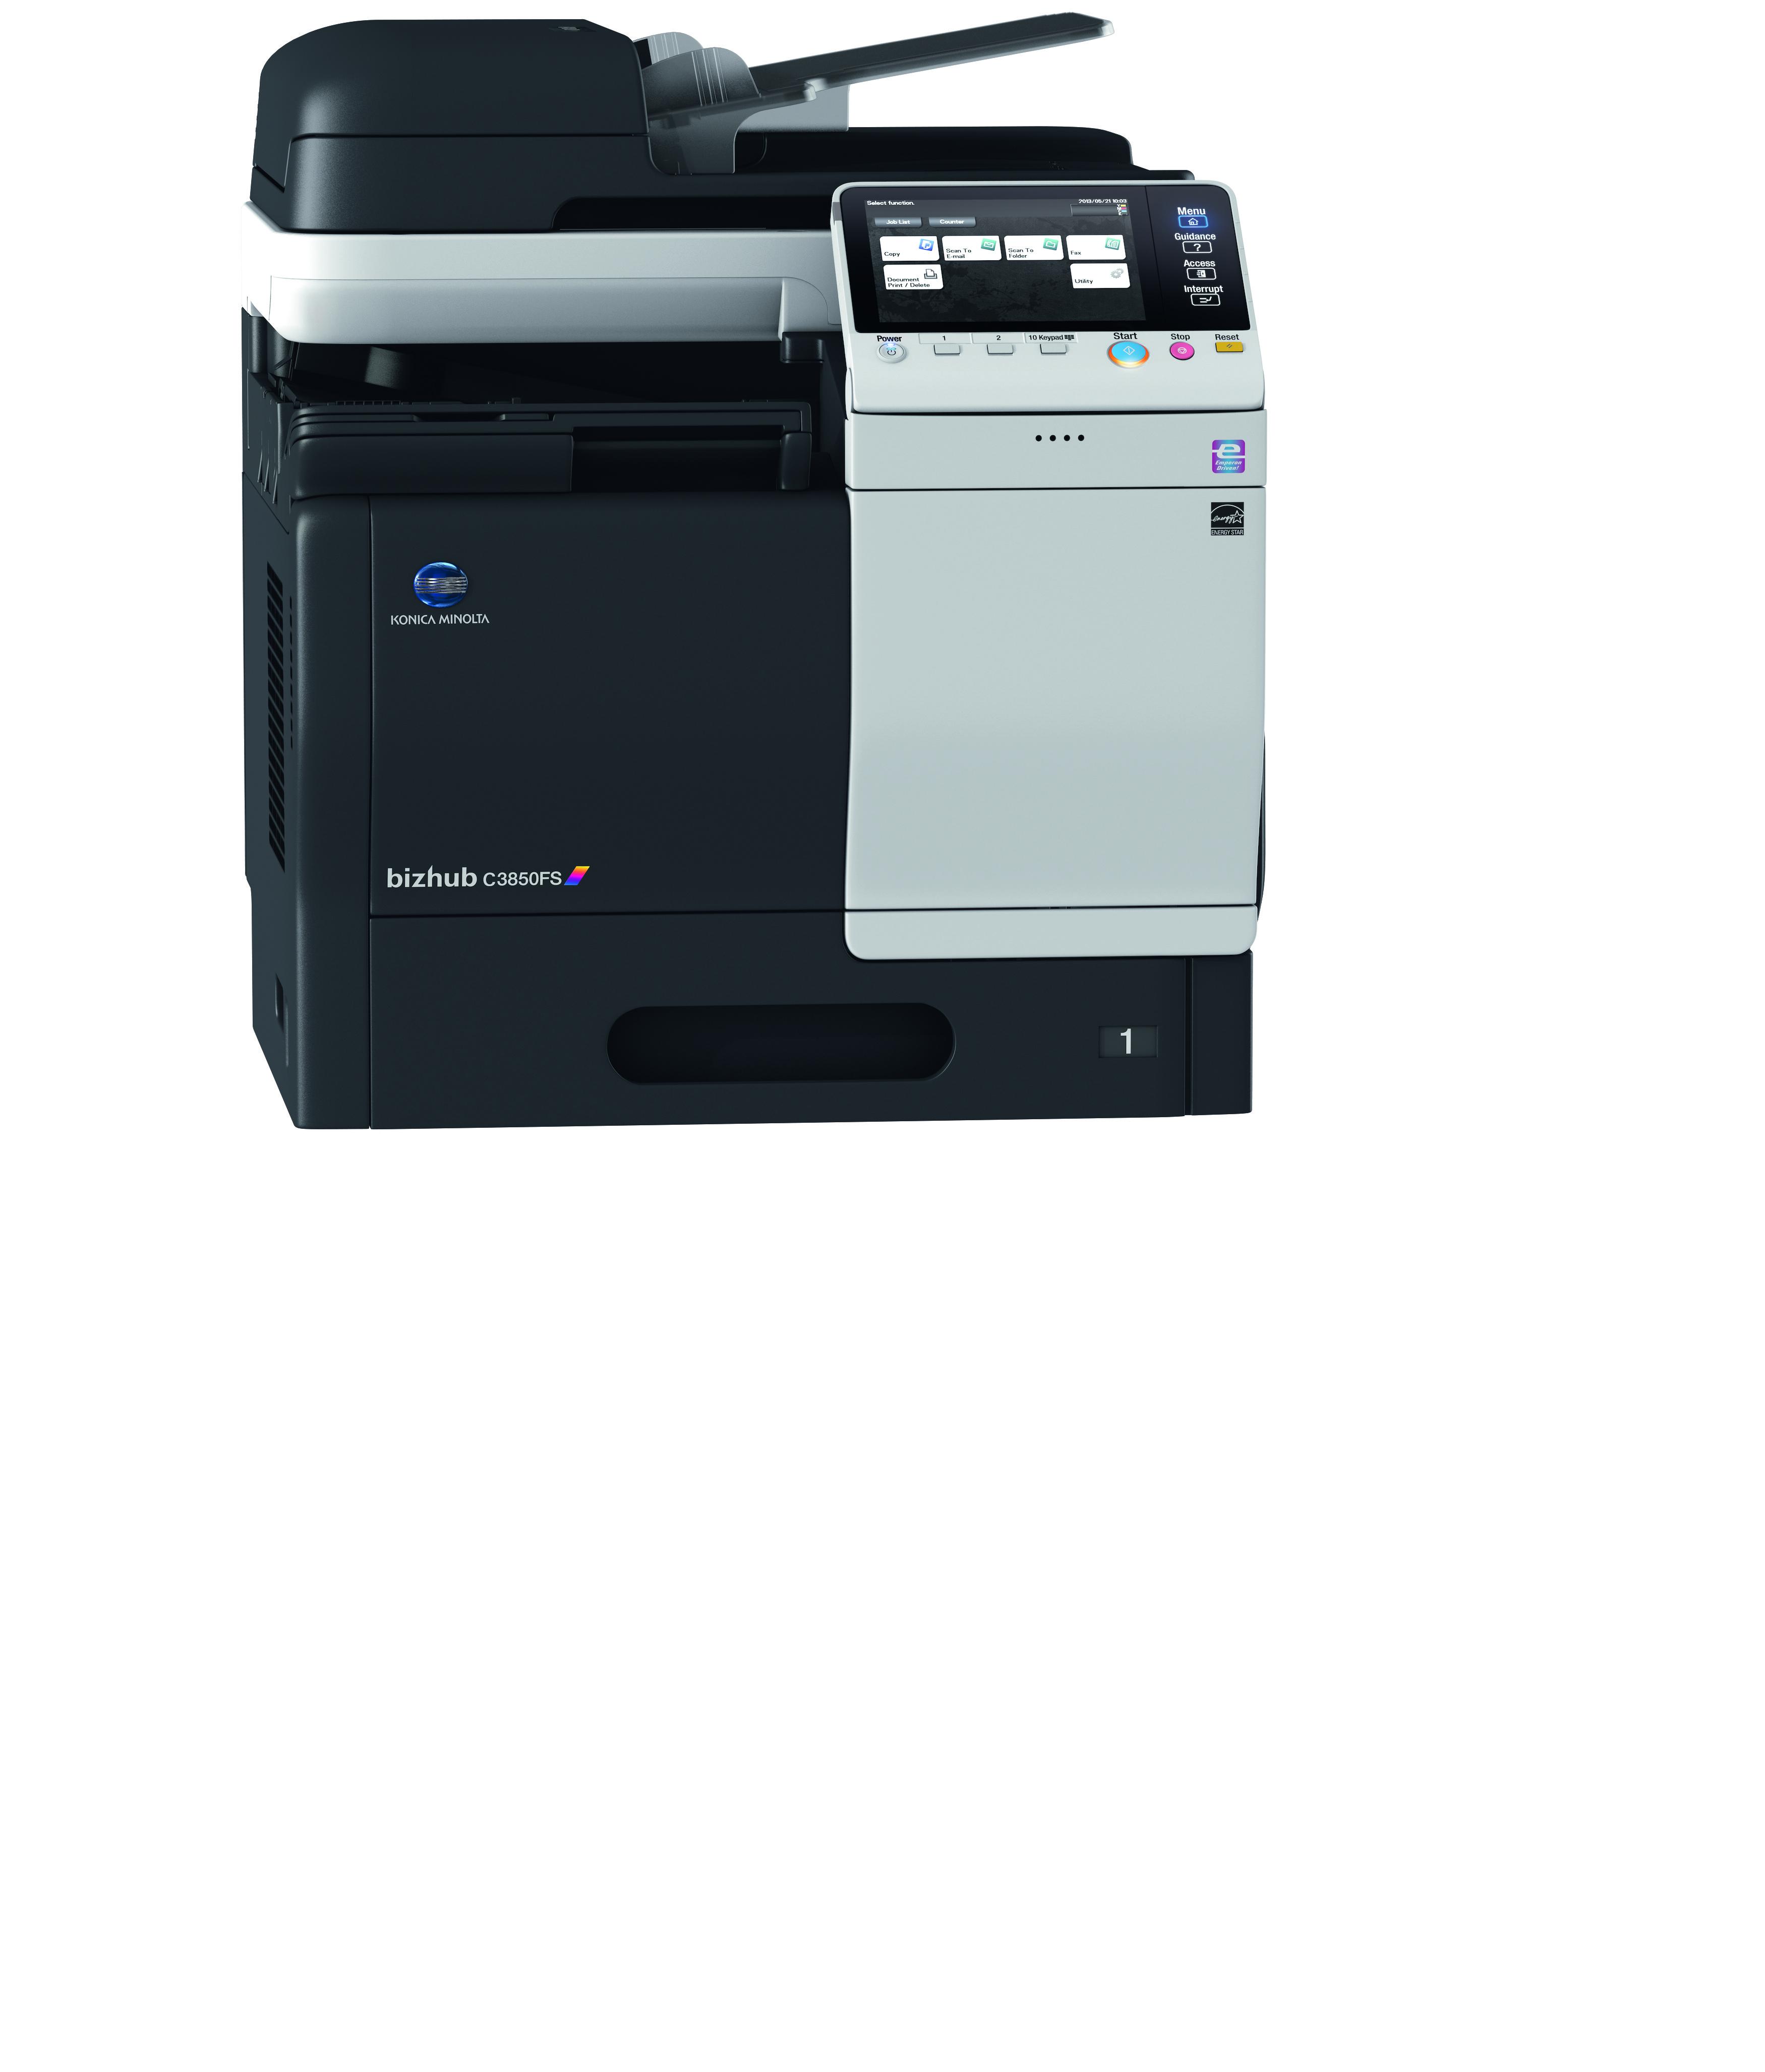 konica minolta bizhub c3850fs multifunction printer ebm ltd Konica Minolta Bizhub 250 Copier Minolta Bizhub C20x